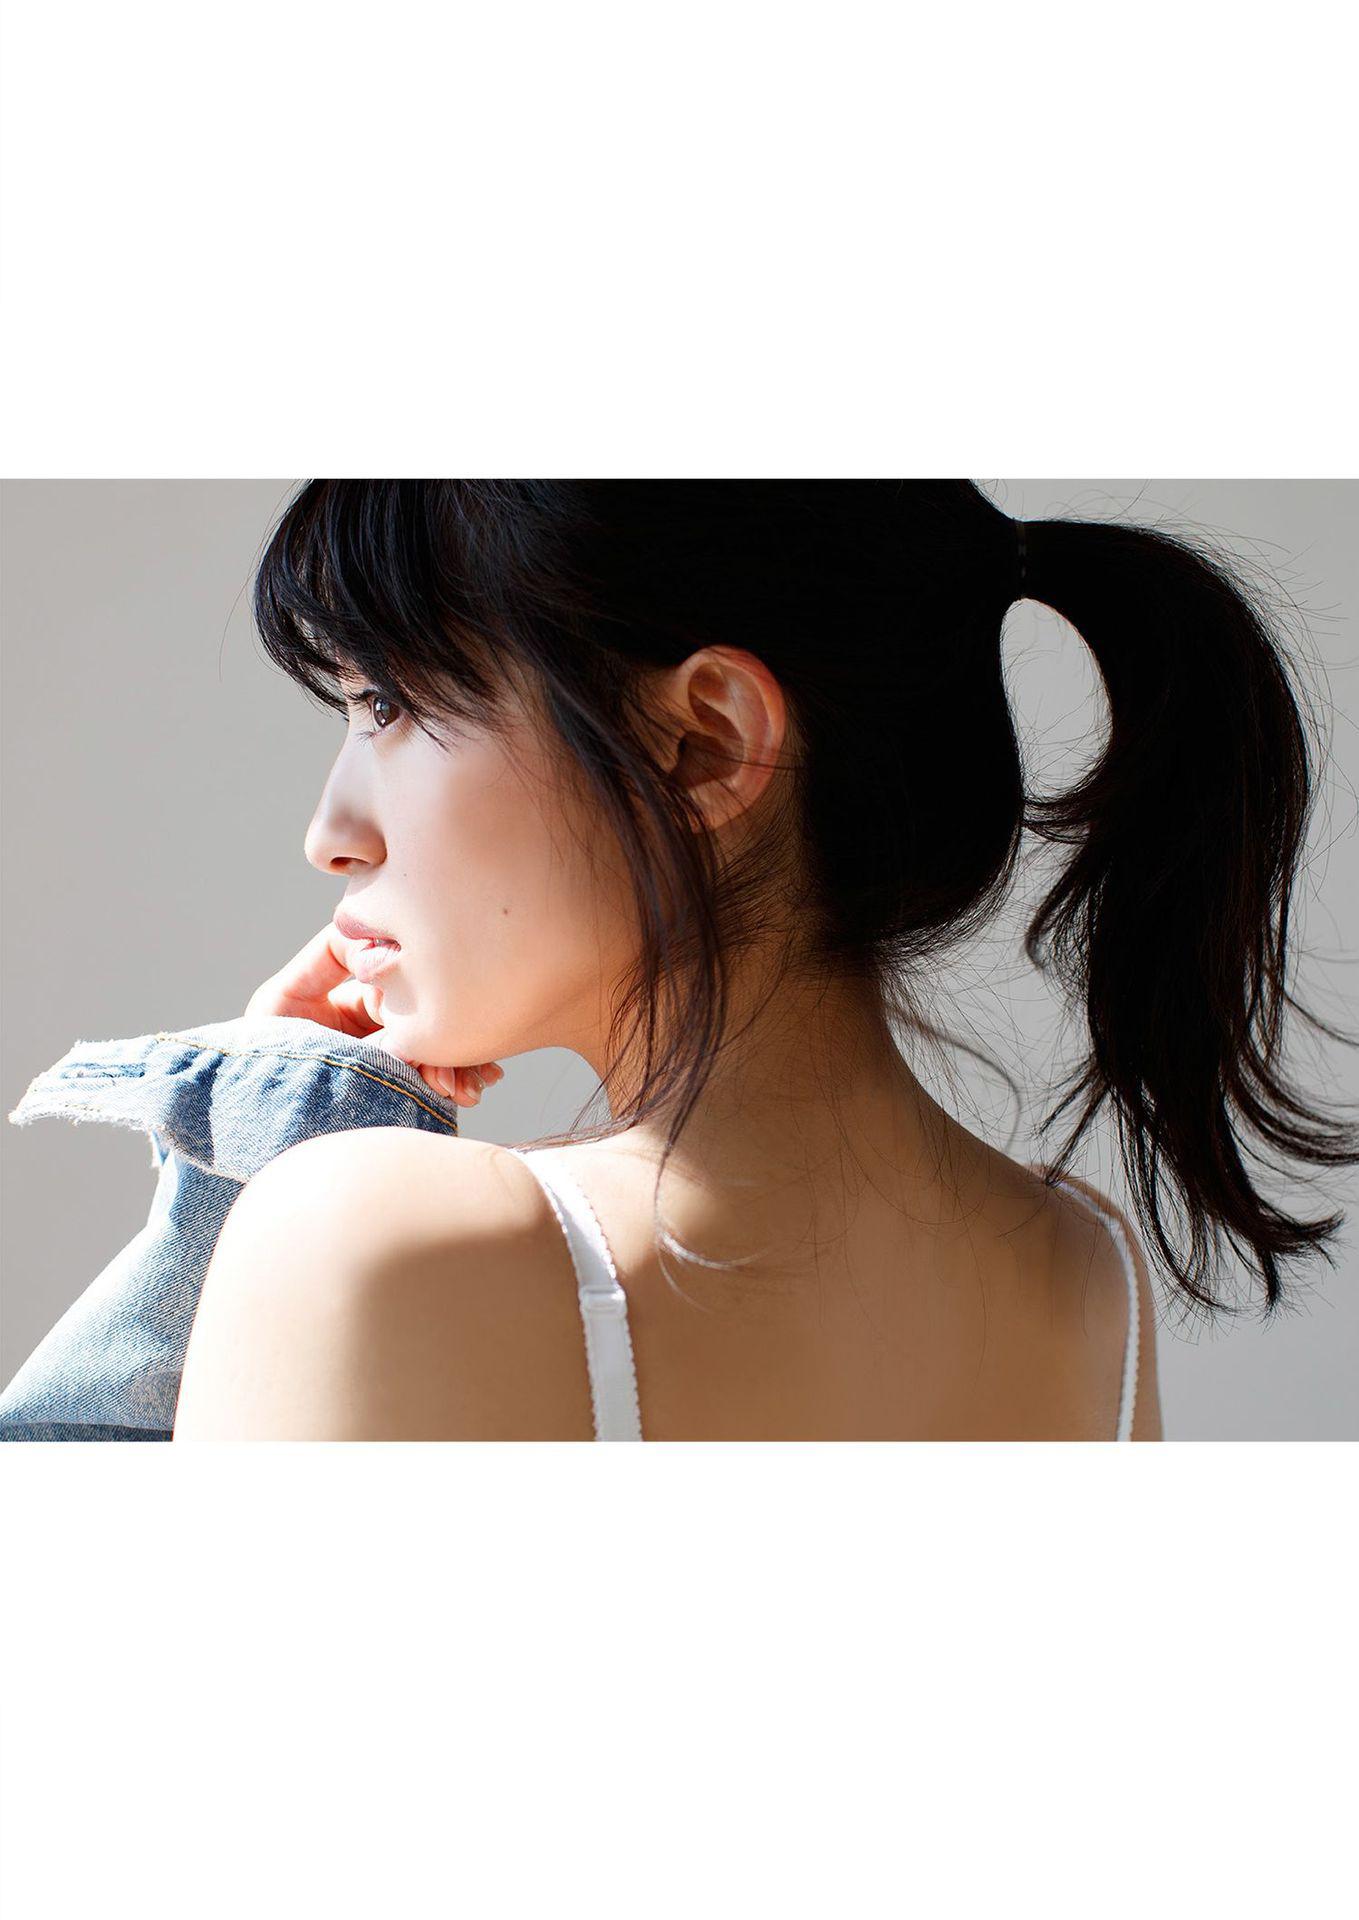 Voice actor Rikako Oita021